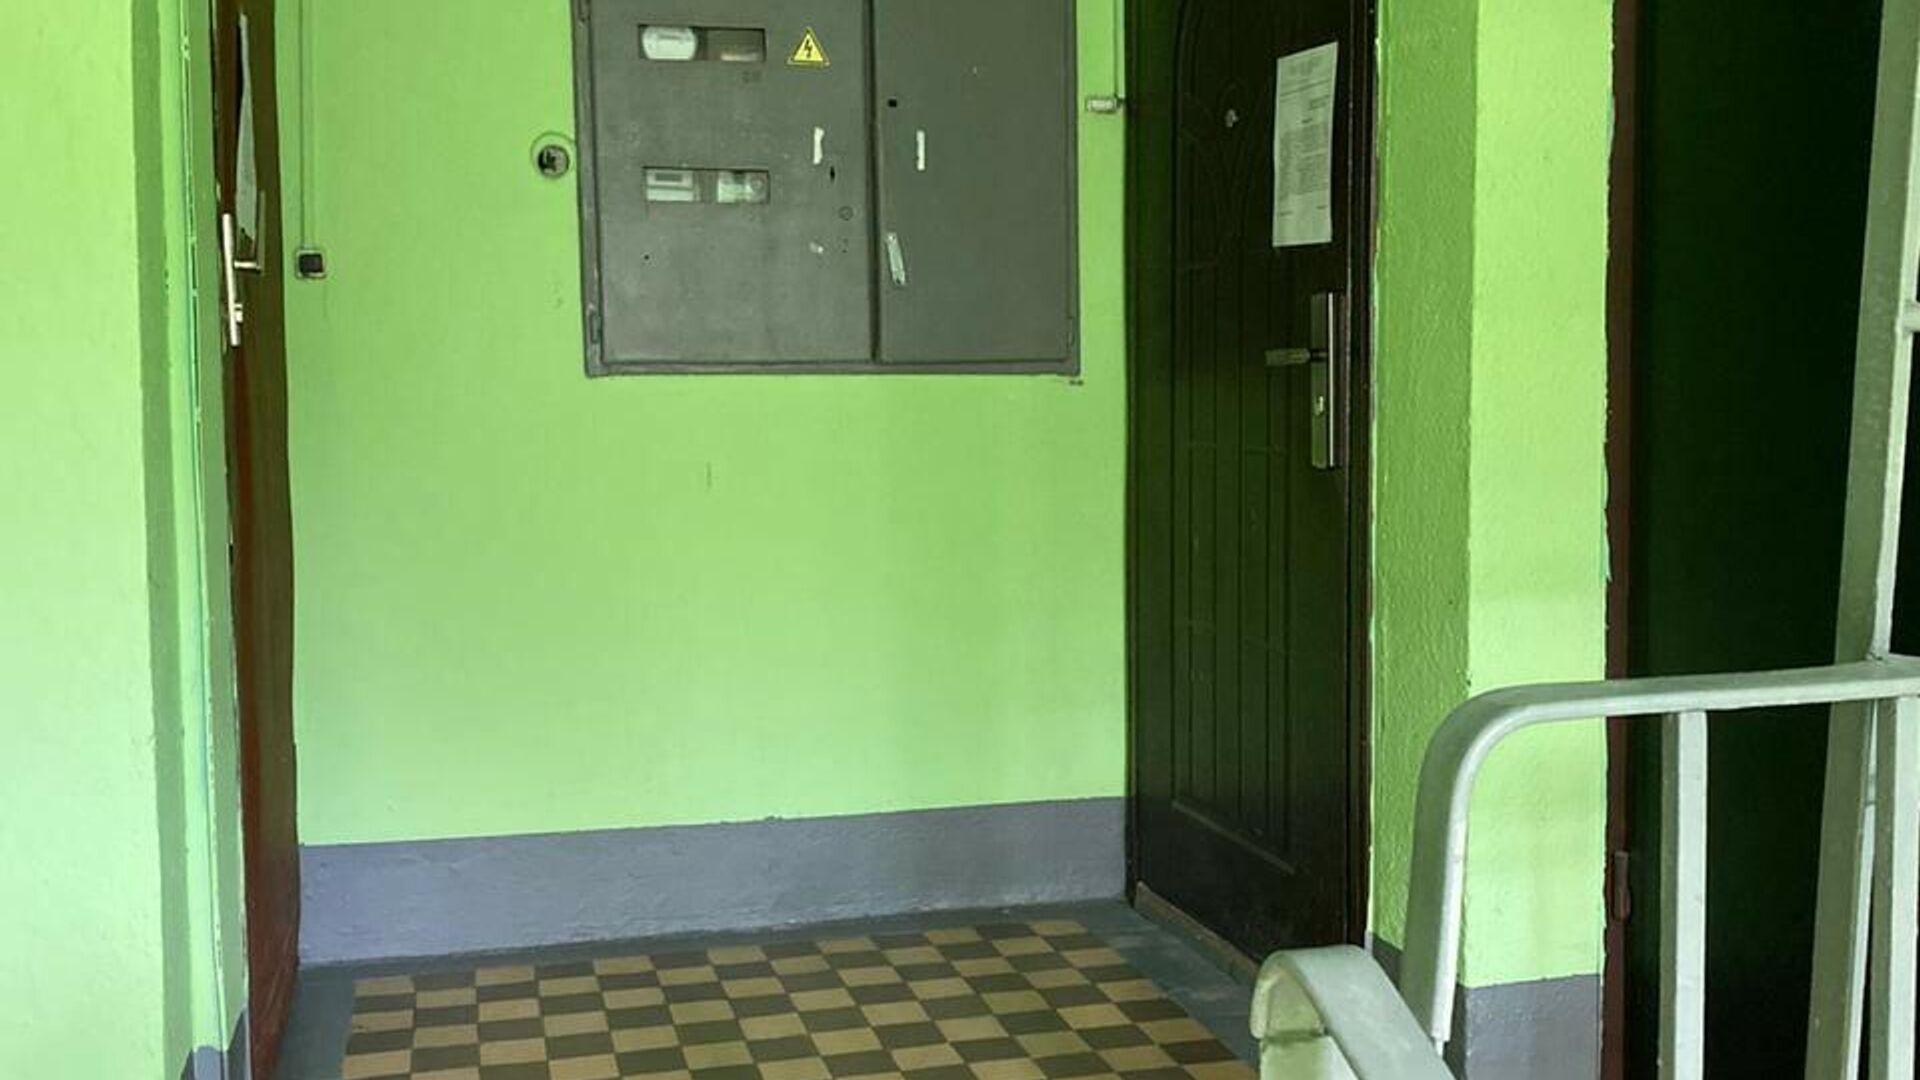 Захват общего имущества в доме на улице Лобачевского на западе Москвы - РИА Новости, 1920, 18.11.2020